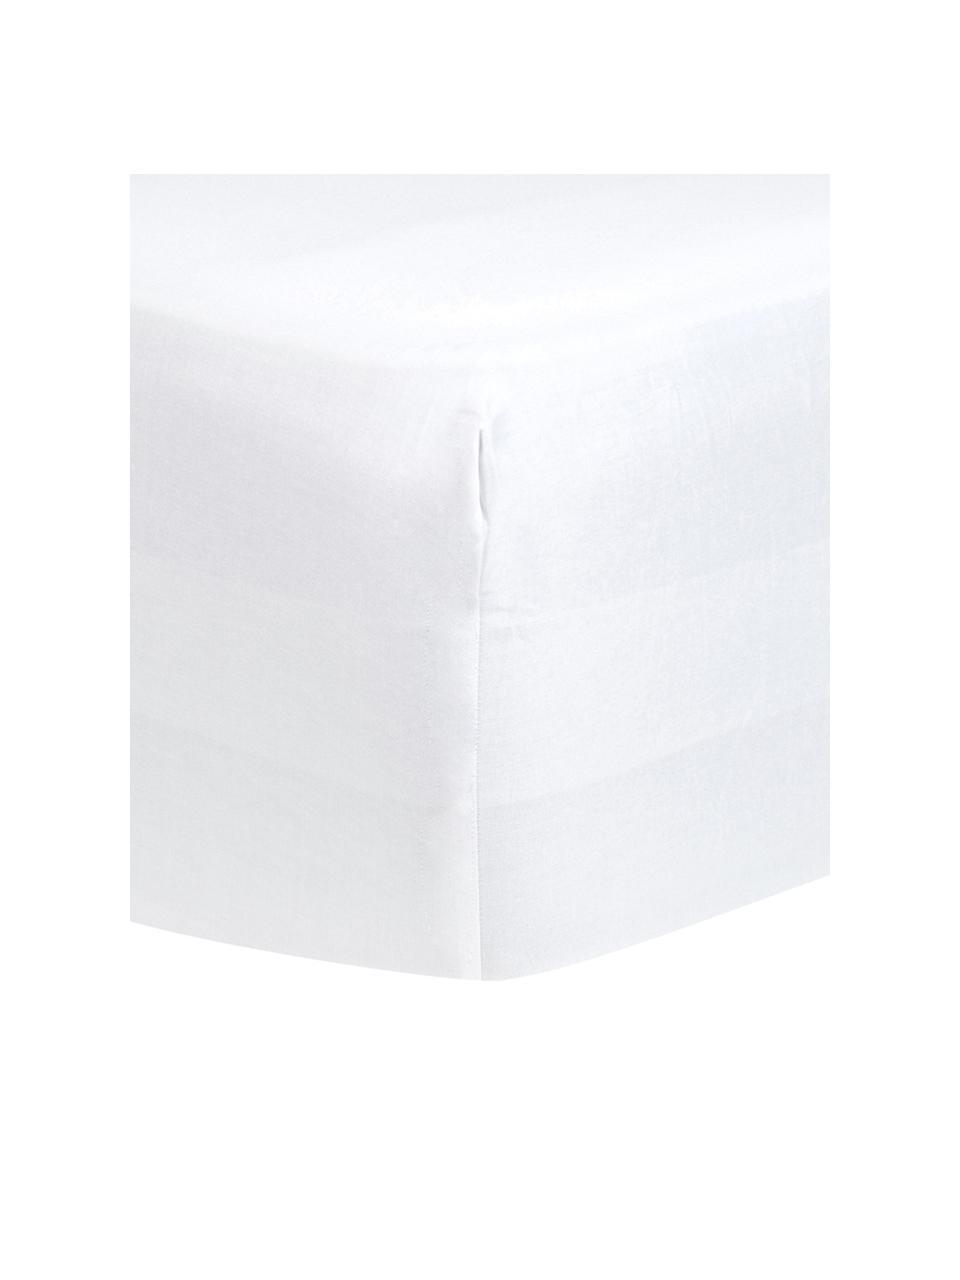 Boxspring-Spannbettlaken Comfort in Weiß, Baumwollsatin, Webart: Satin, leicht glänzend, Weiß, 180 x 200 cm